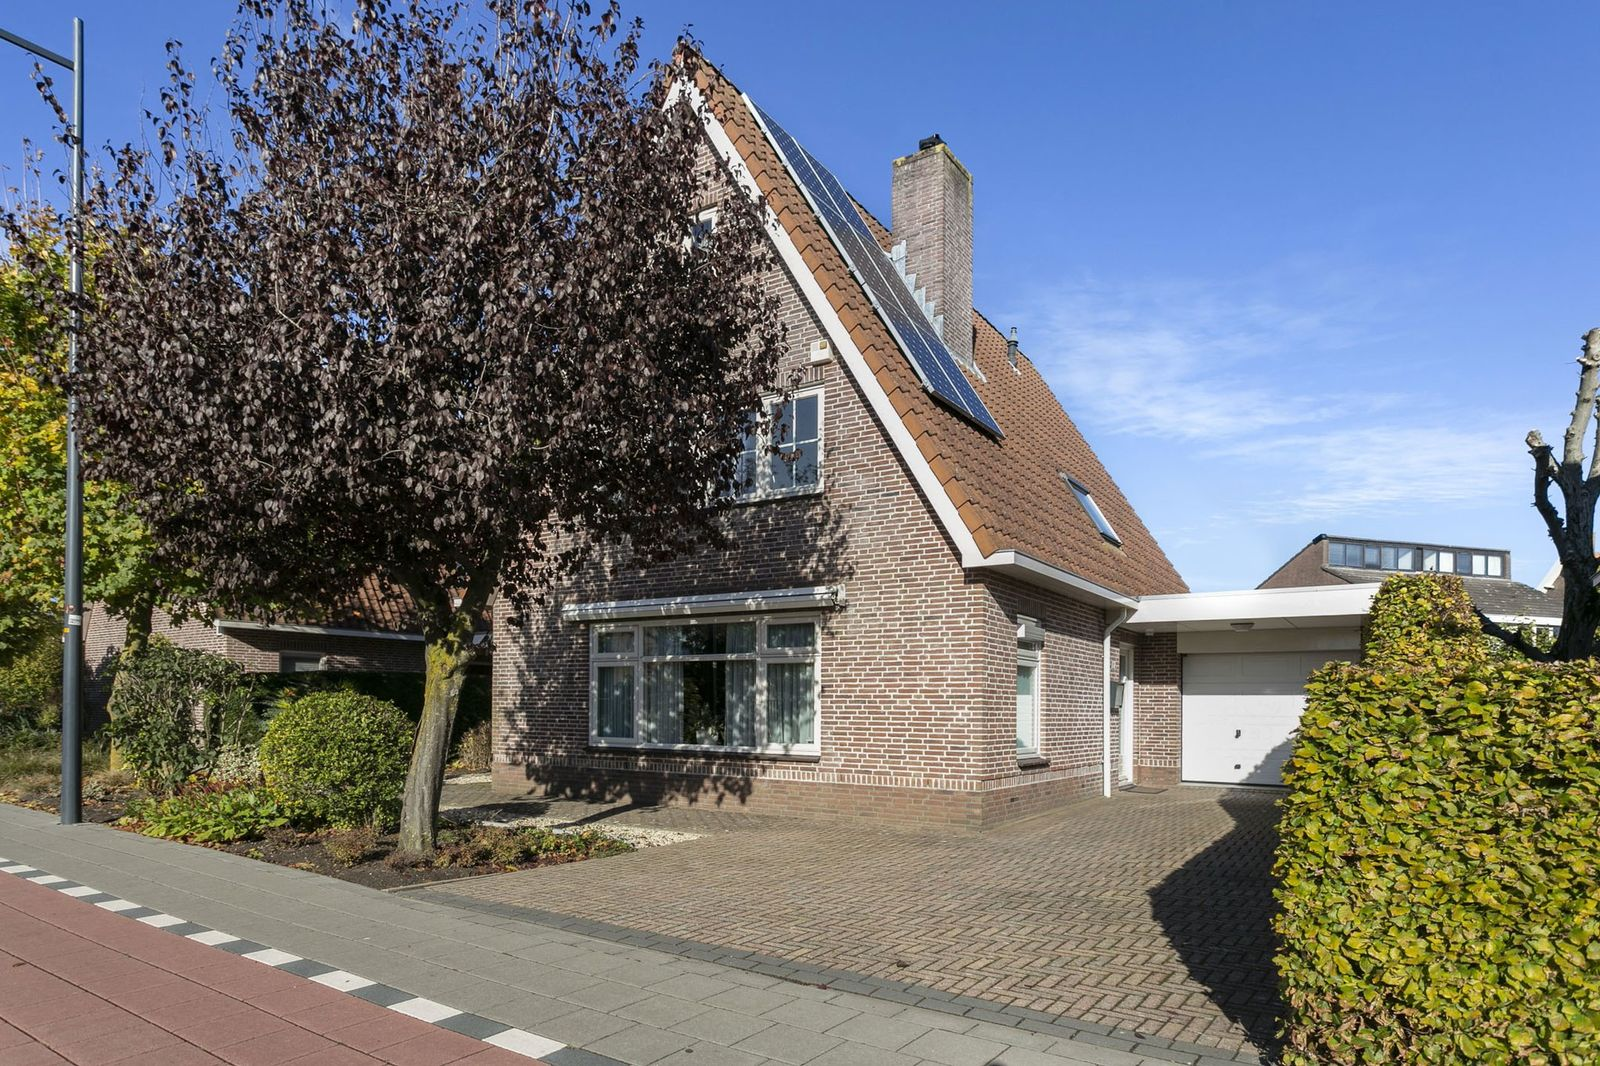 Koningin Wilhelminaweg 57, Zaltbommel